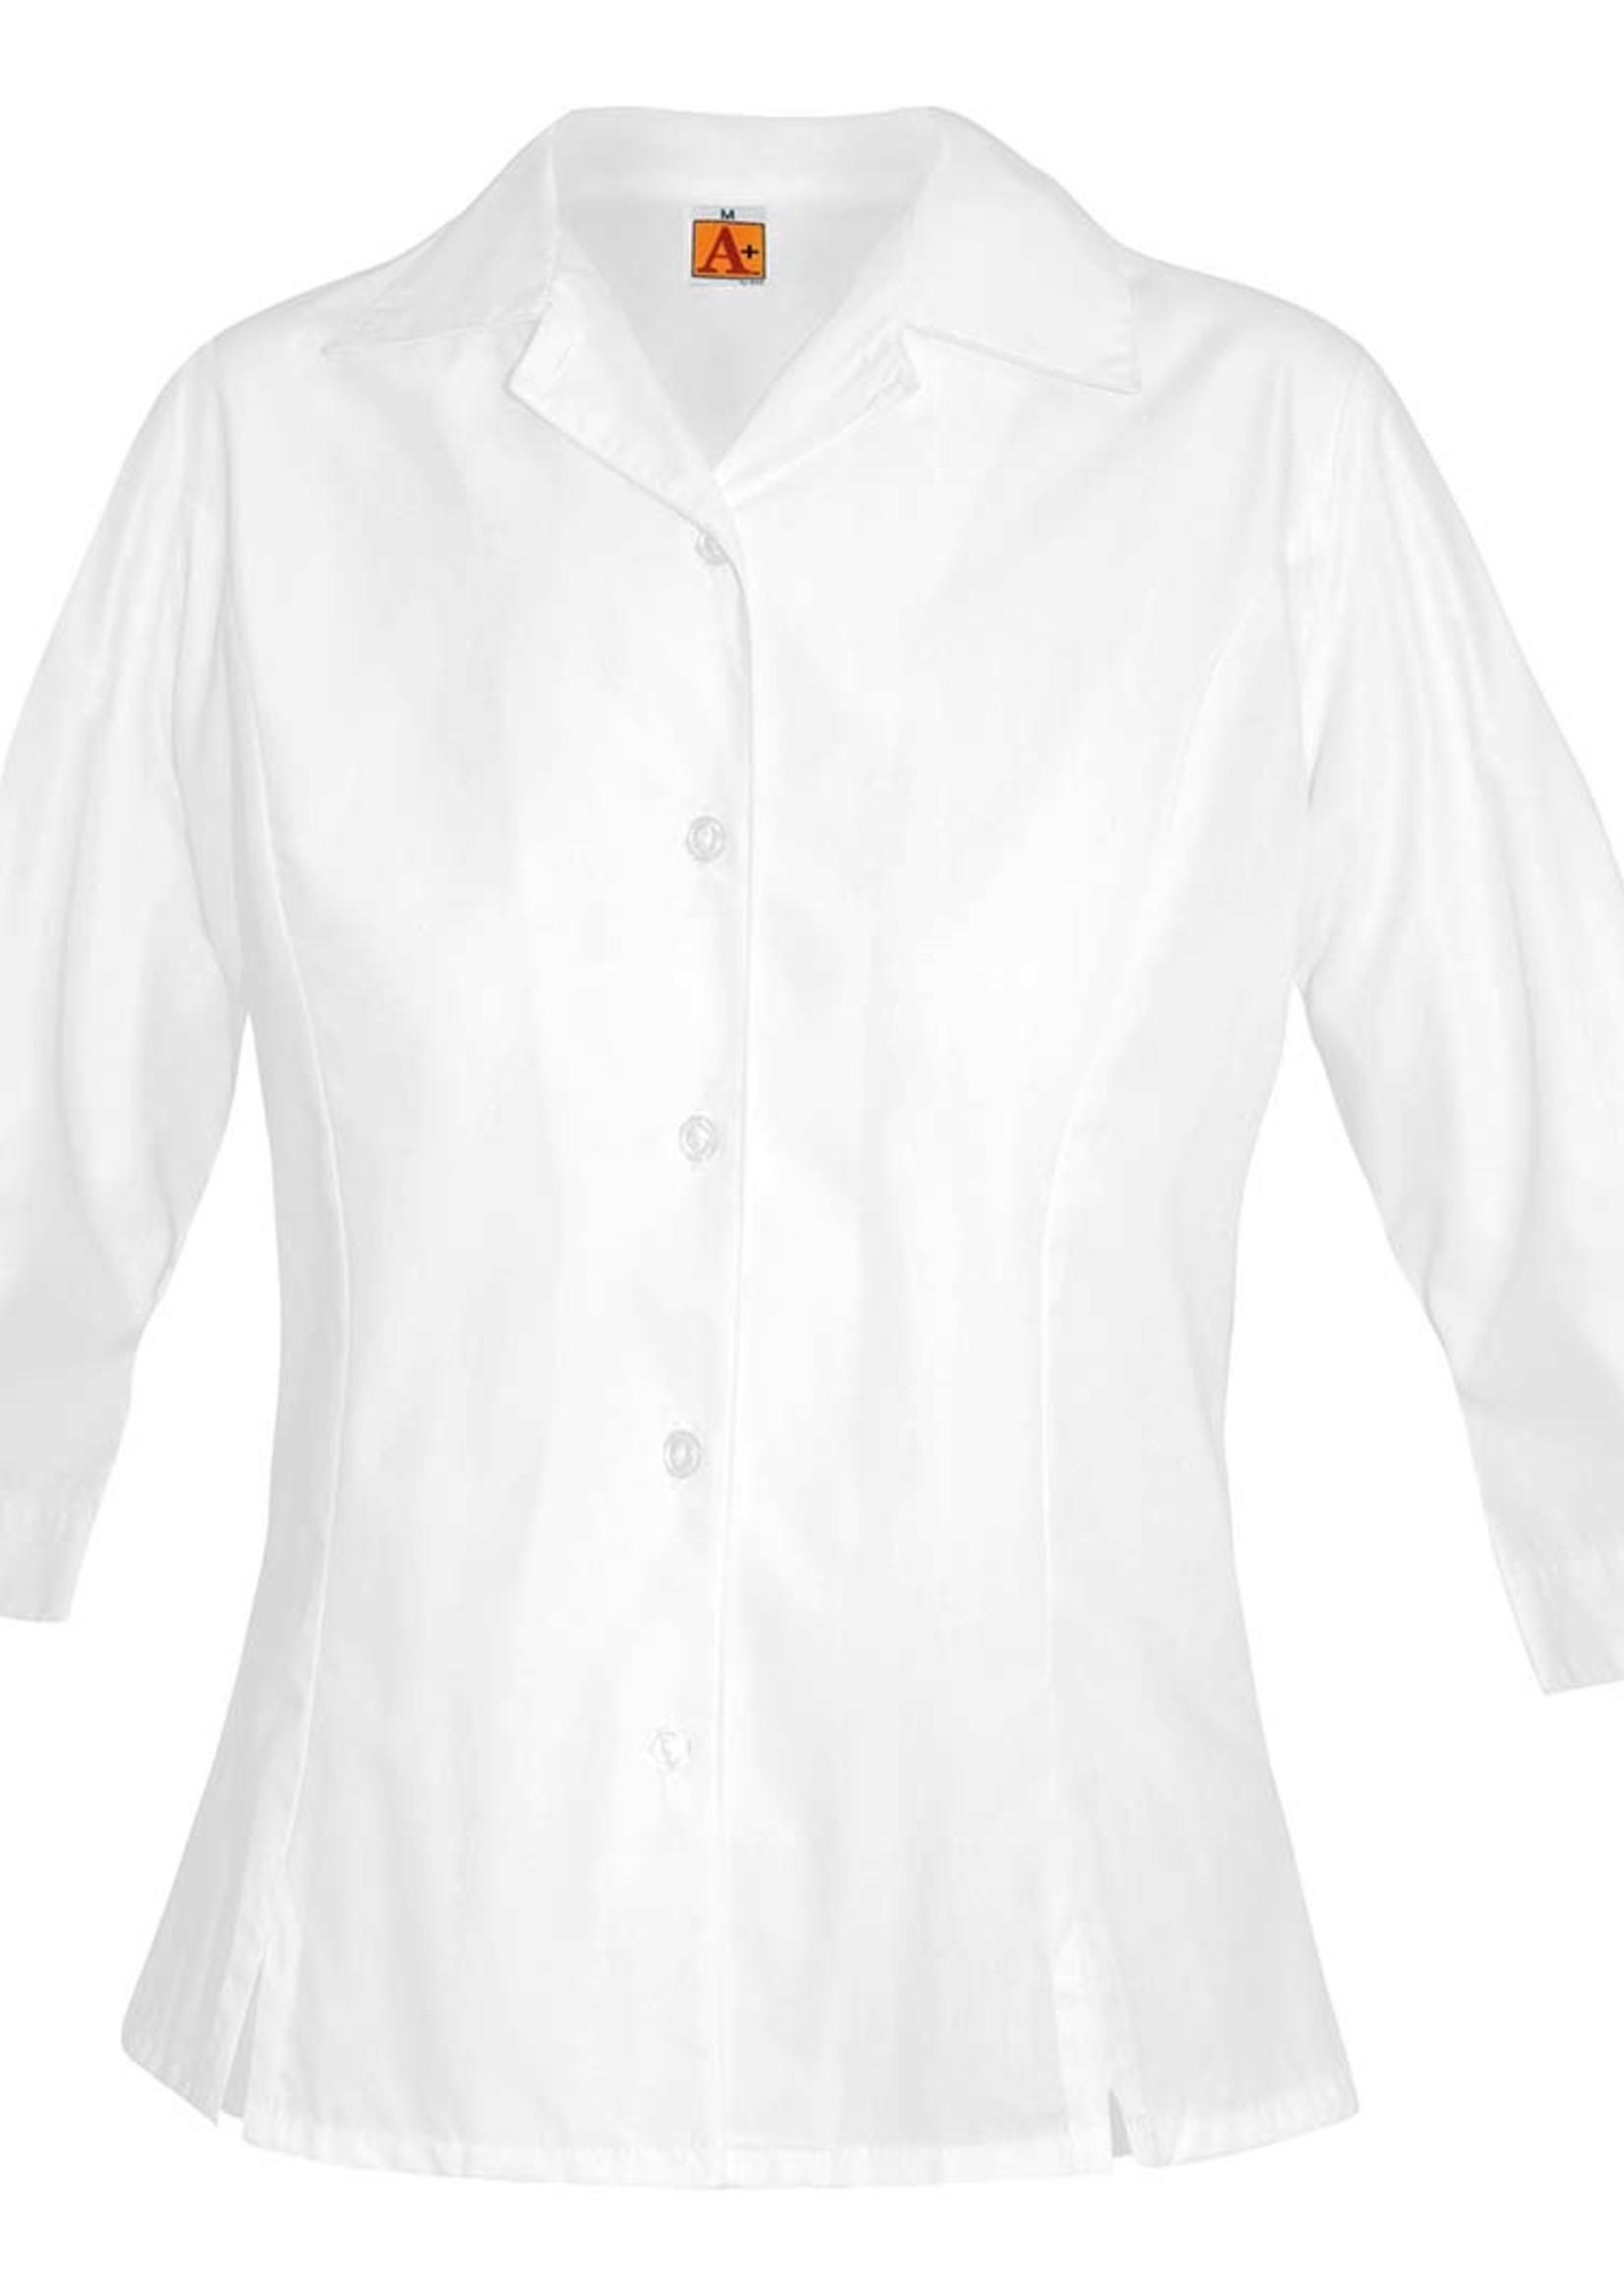 A+ 9267 SJC Princess Blouse 3/4 Sleeve White